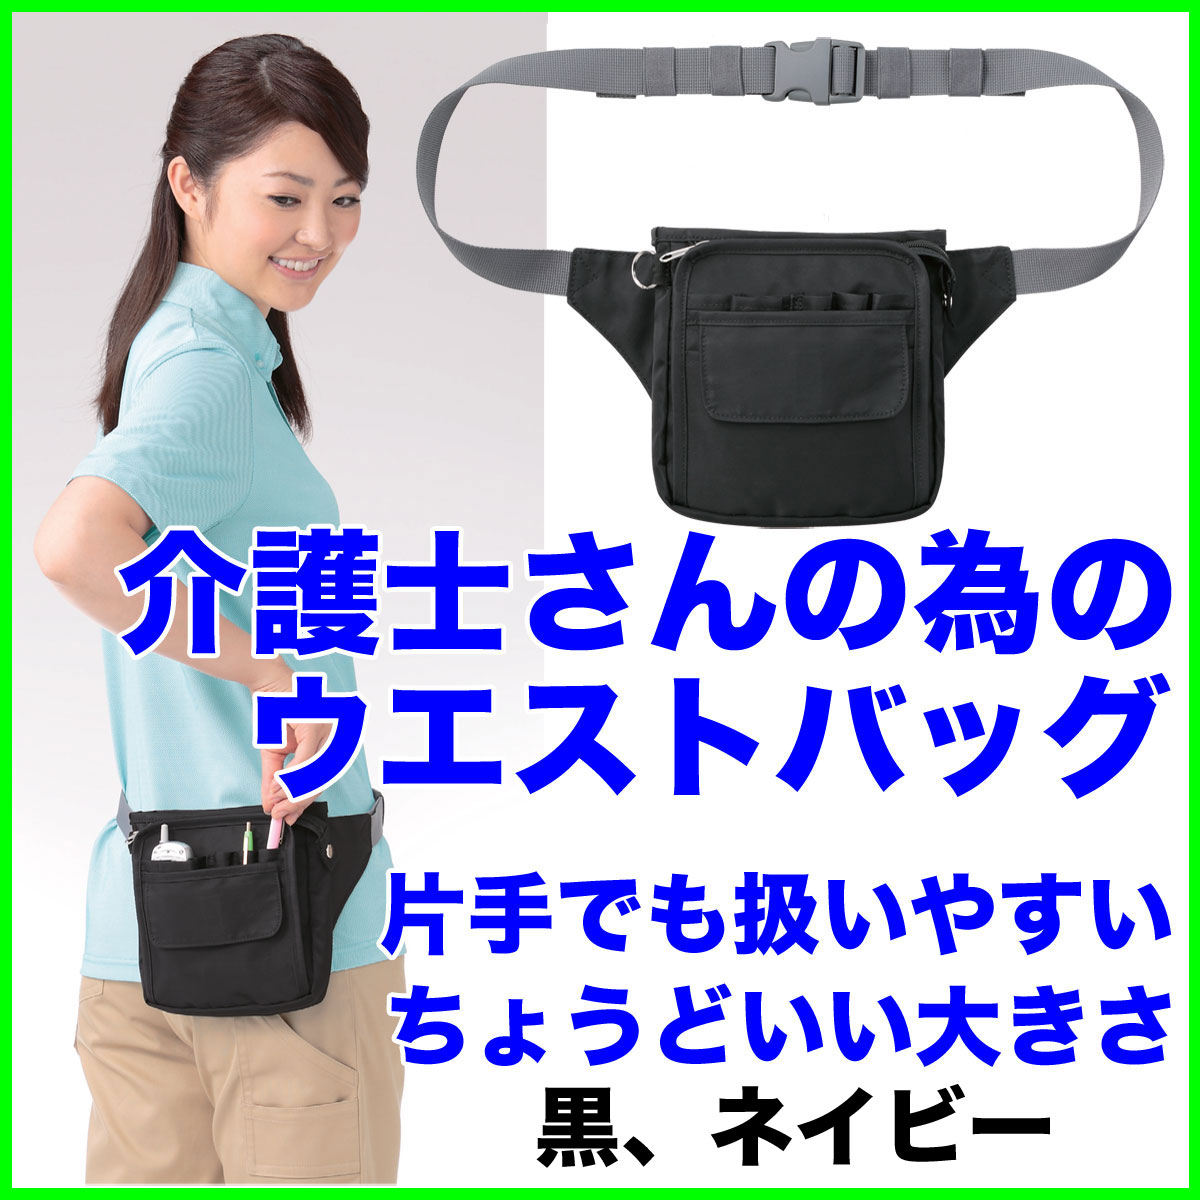 ウエストバッグ片手でも扱いやすく手頃なサイズ。介護士さんのご要望に応えました カバン ポーチ 900-05【】